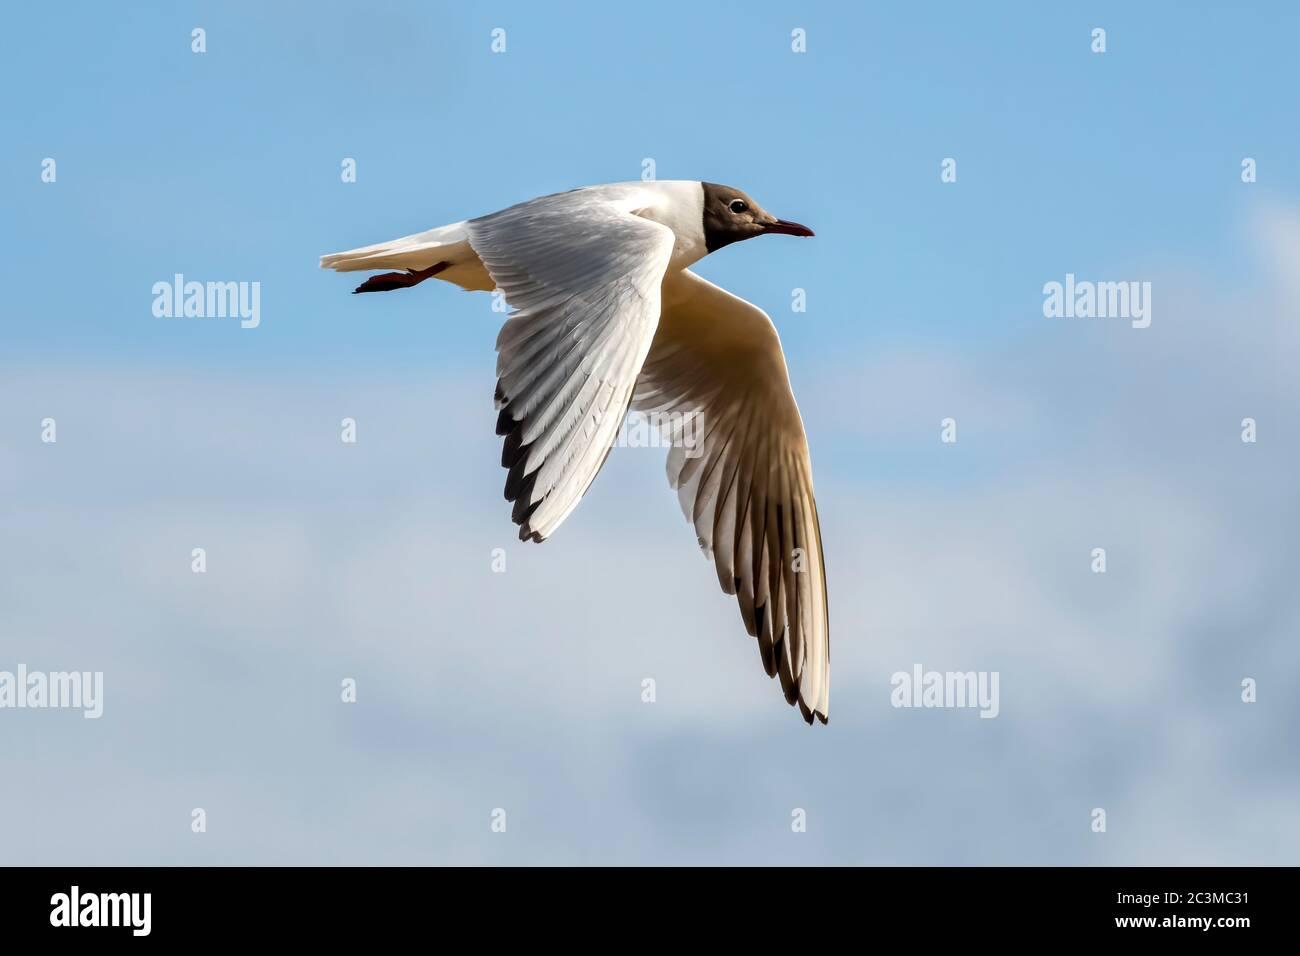 Flying black headed gull, Chroicocephalus ridibundus, in spring & summer plumage. Stock Photo